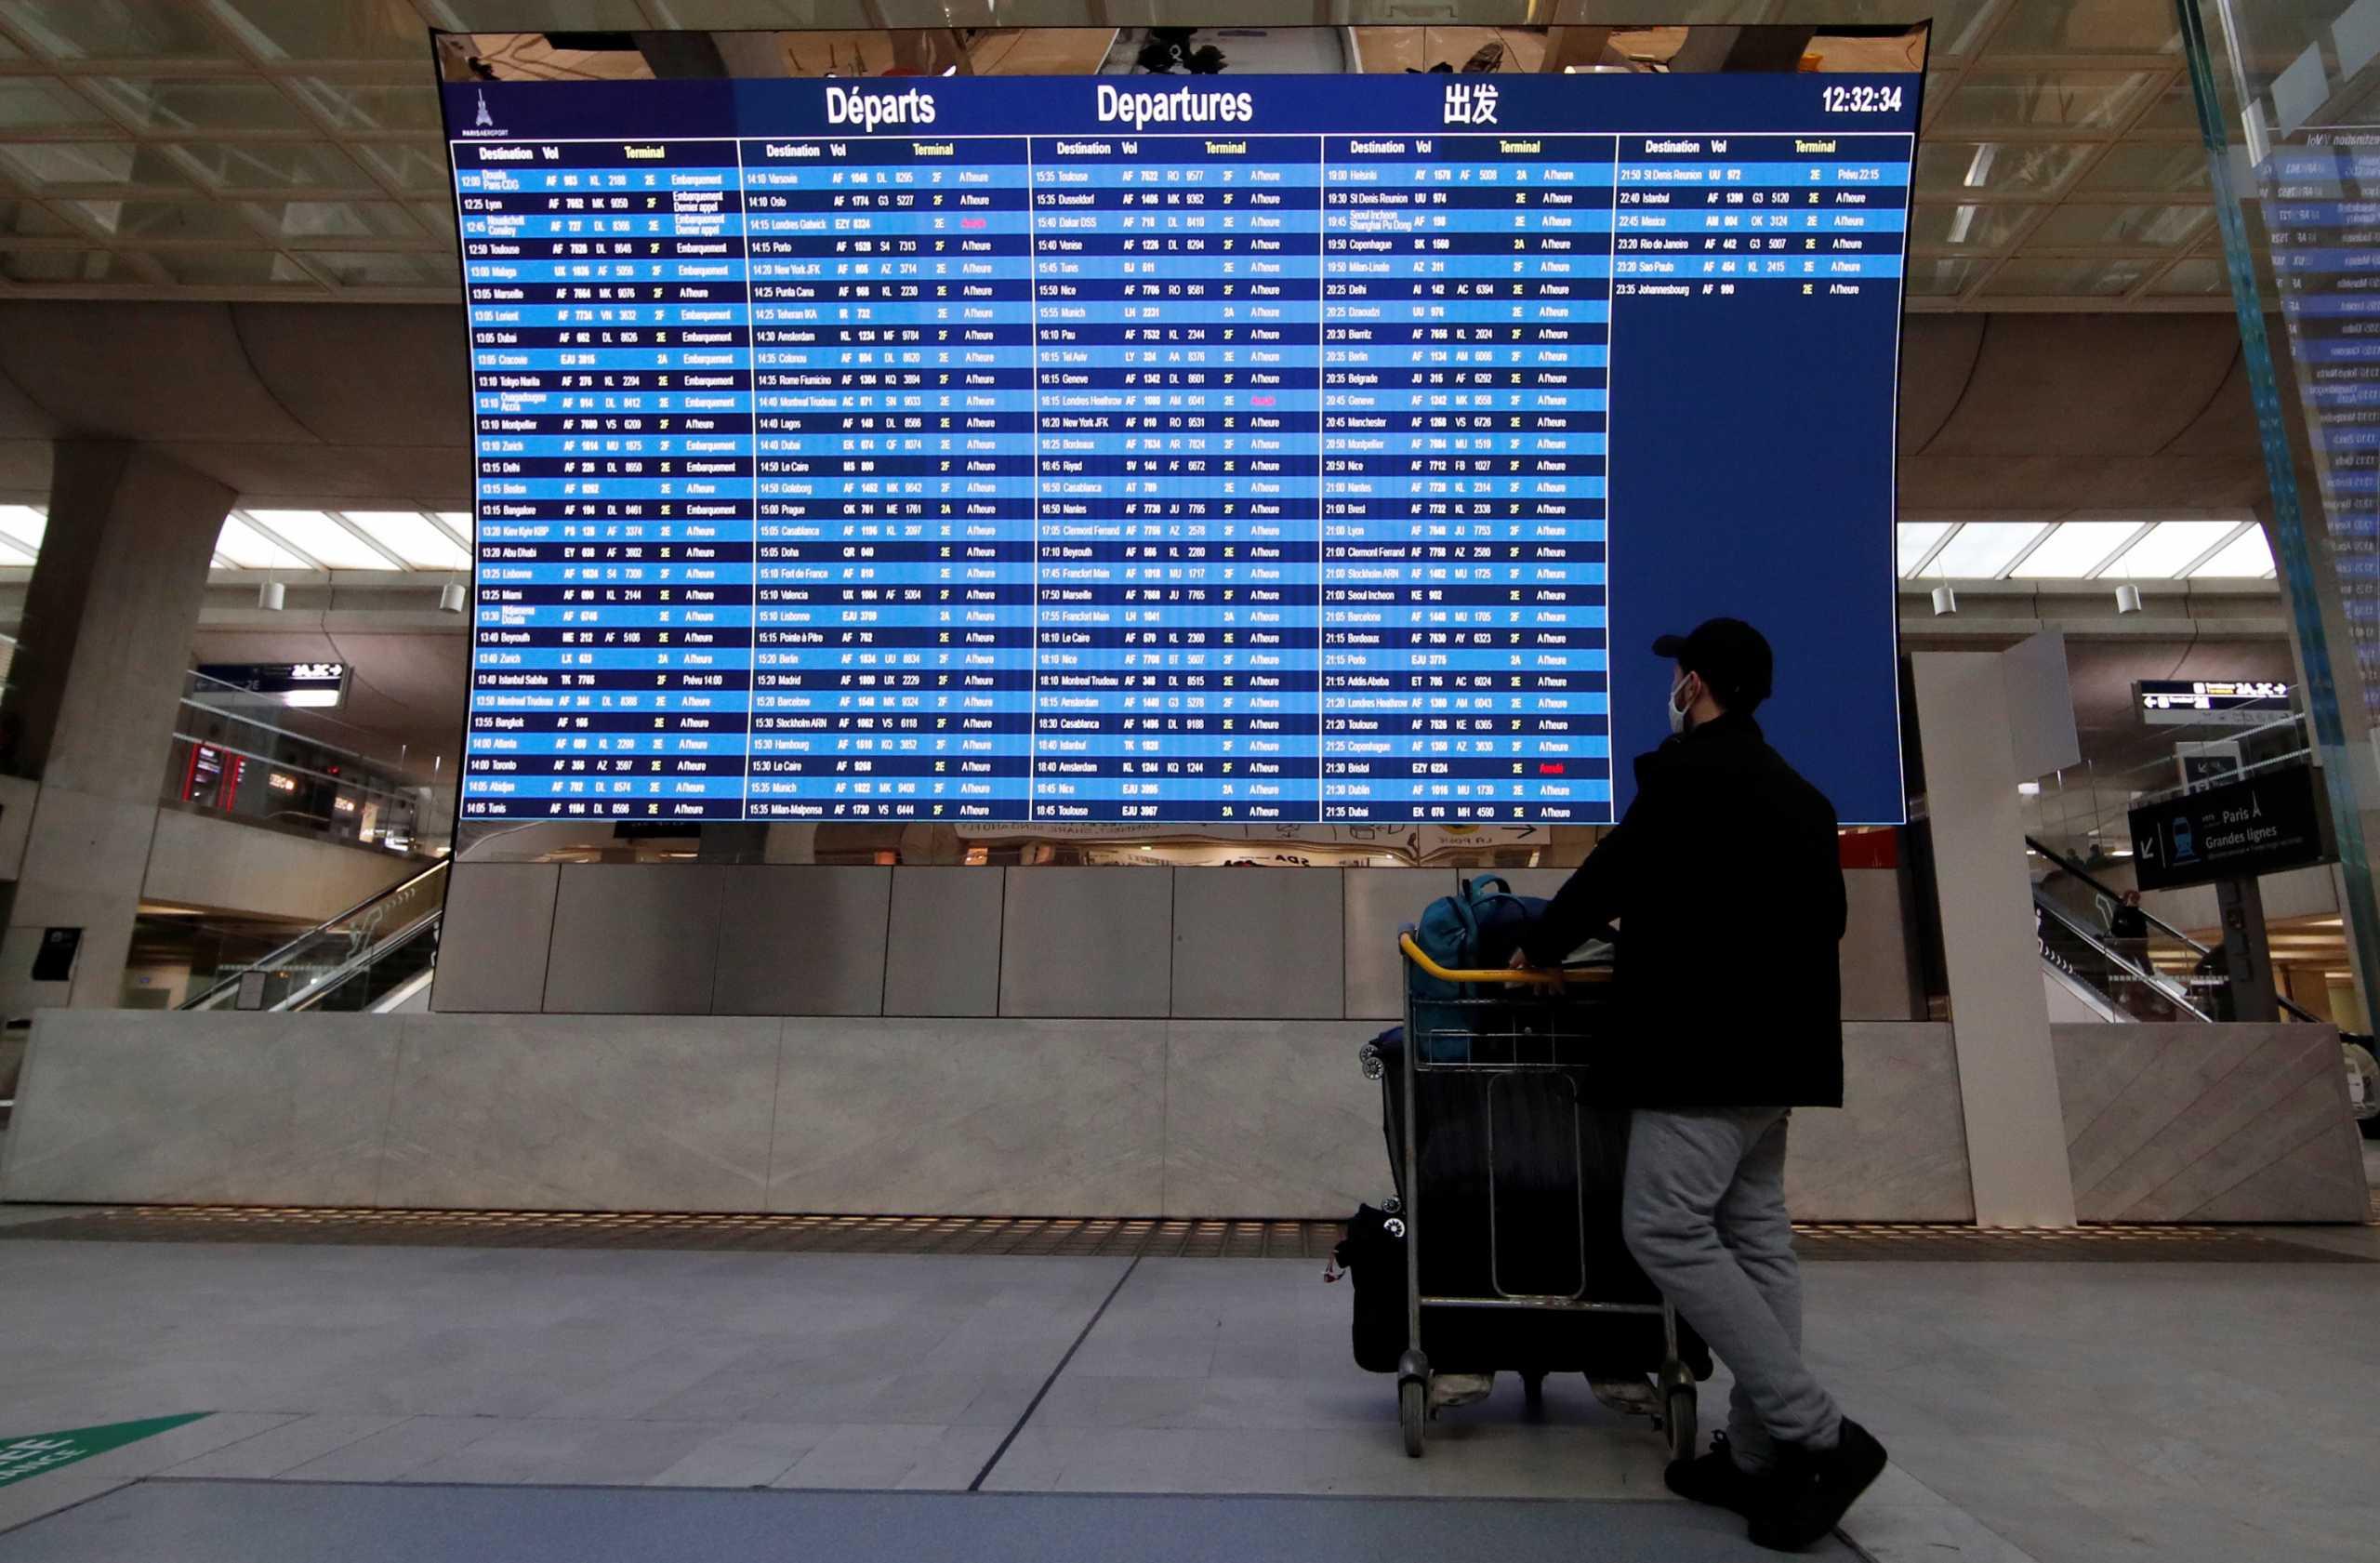 Επανέρχεται η αεροπορική σύνδεση Αθήνα – Μόσχα από τις 8 Φεβρουαρίου